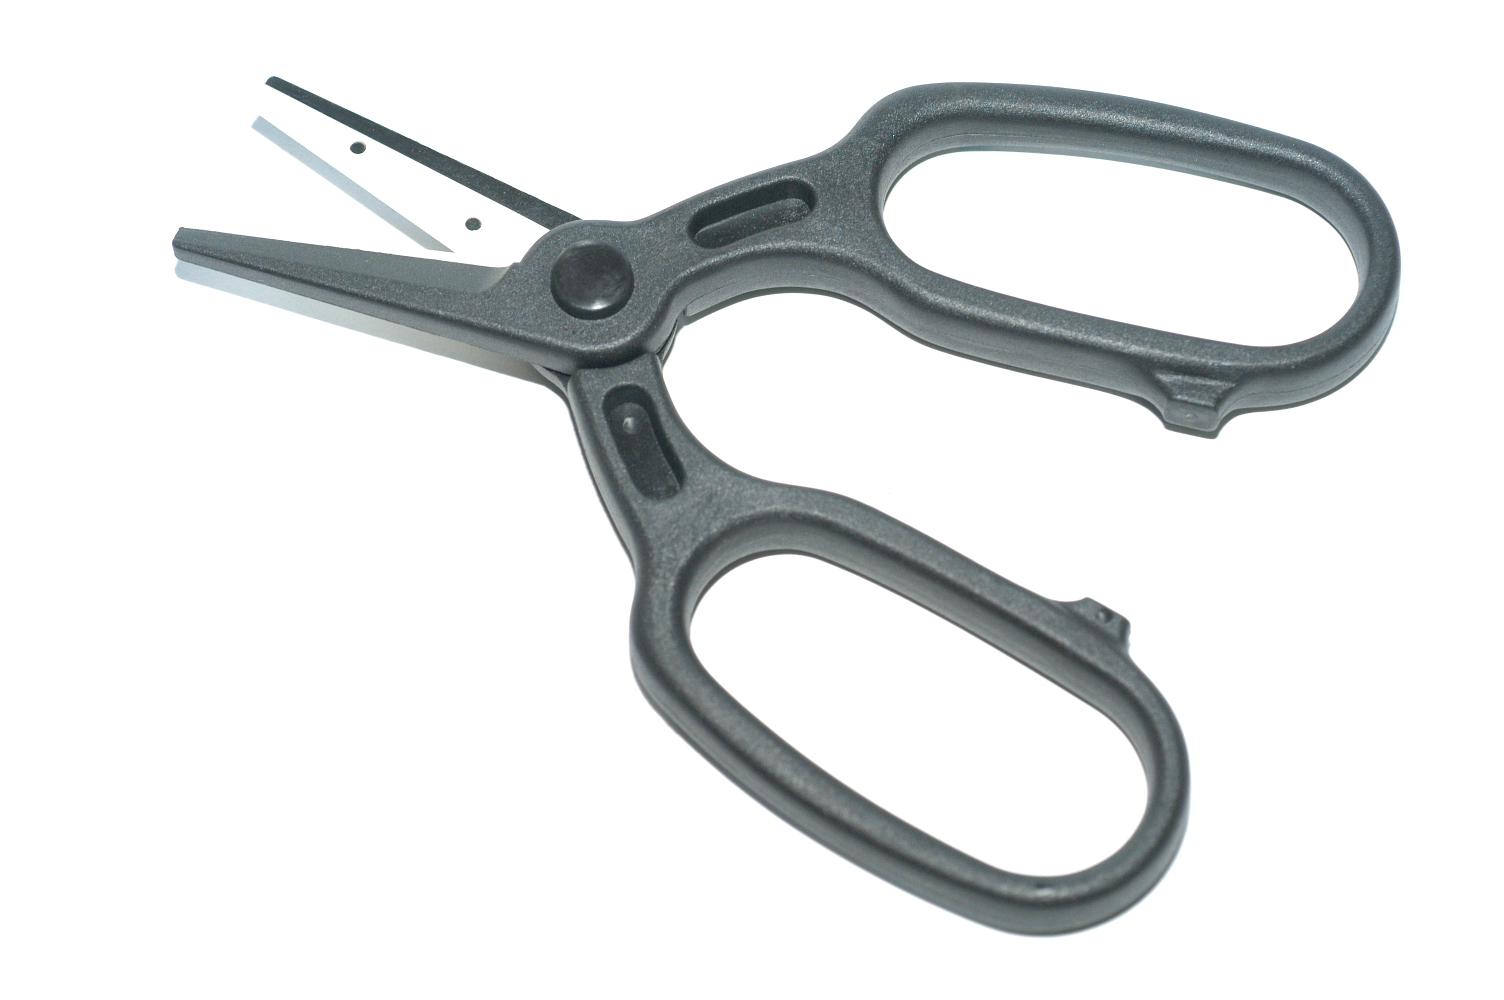 Ceramic Scissors (Керамические ножницы)